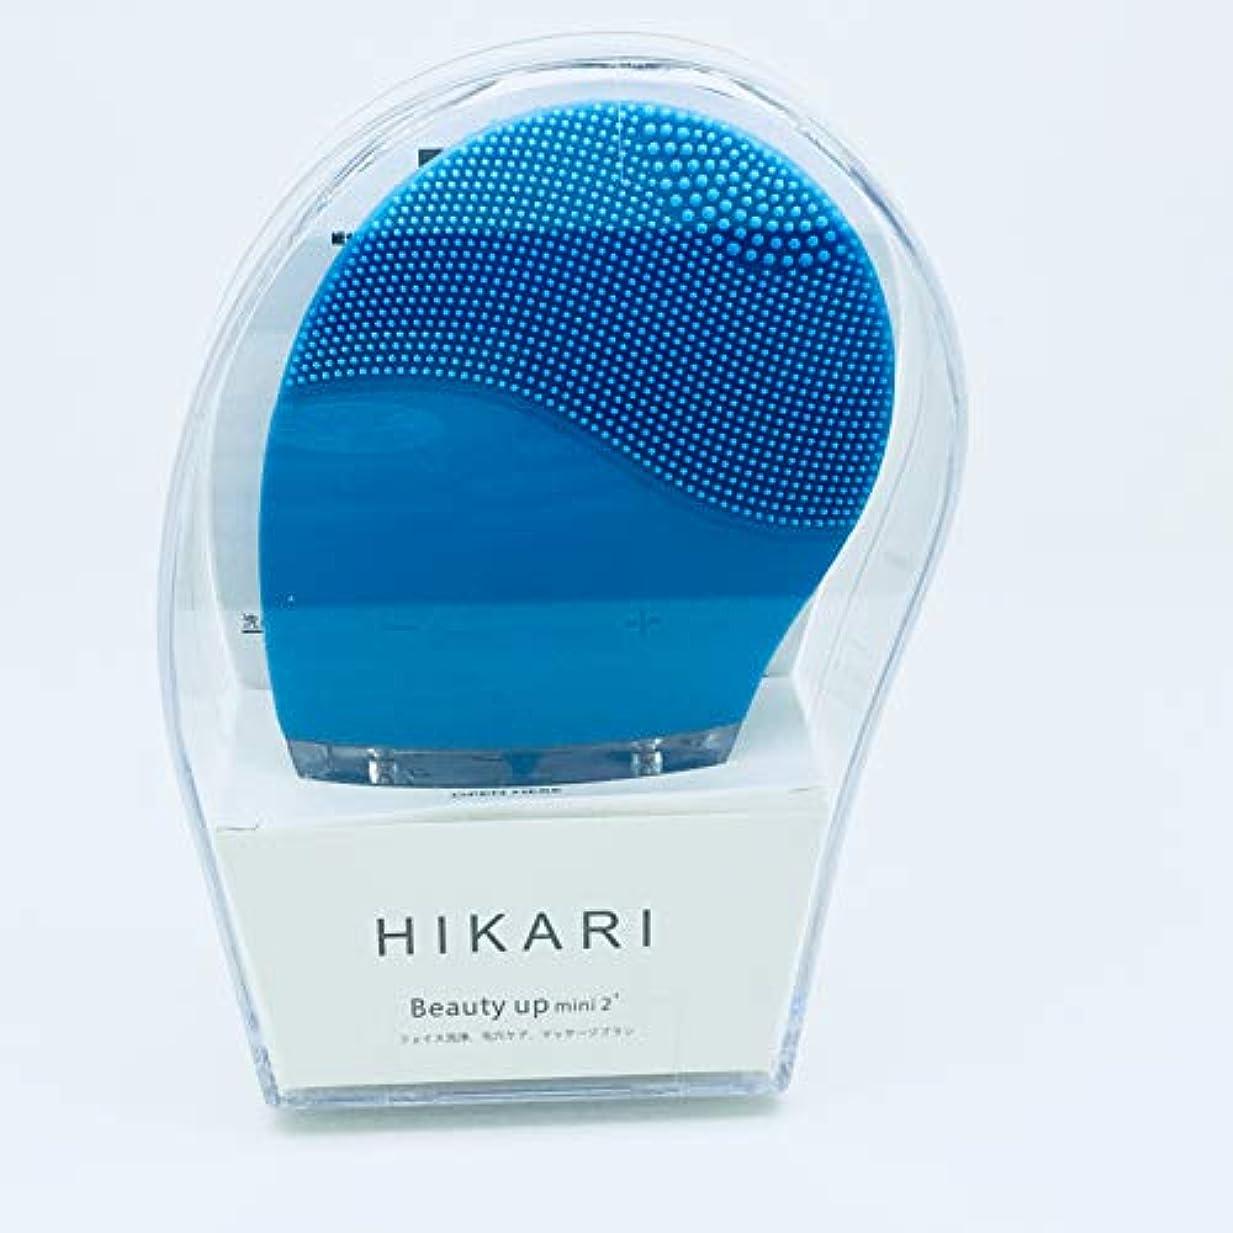 めまい前提買収最新のミニ2フェイシャルクレンジングブラシ穏やかな角質除去とすべての肌タイプのソニッククレンジングフェイスクレンザーとマッサージャーブラシ(Blue Sky )